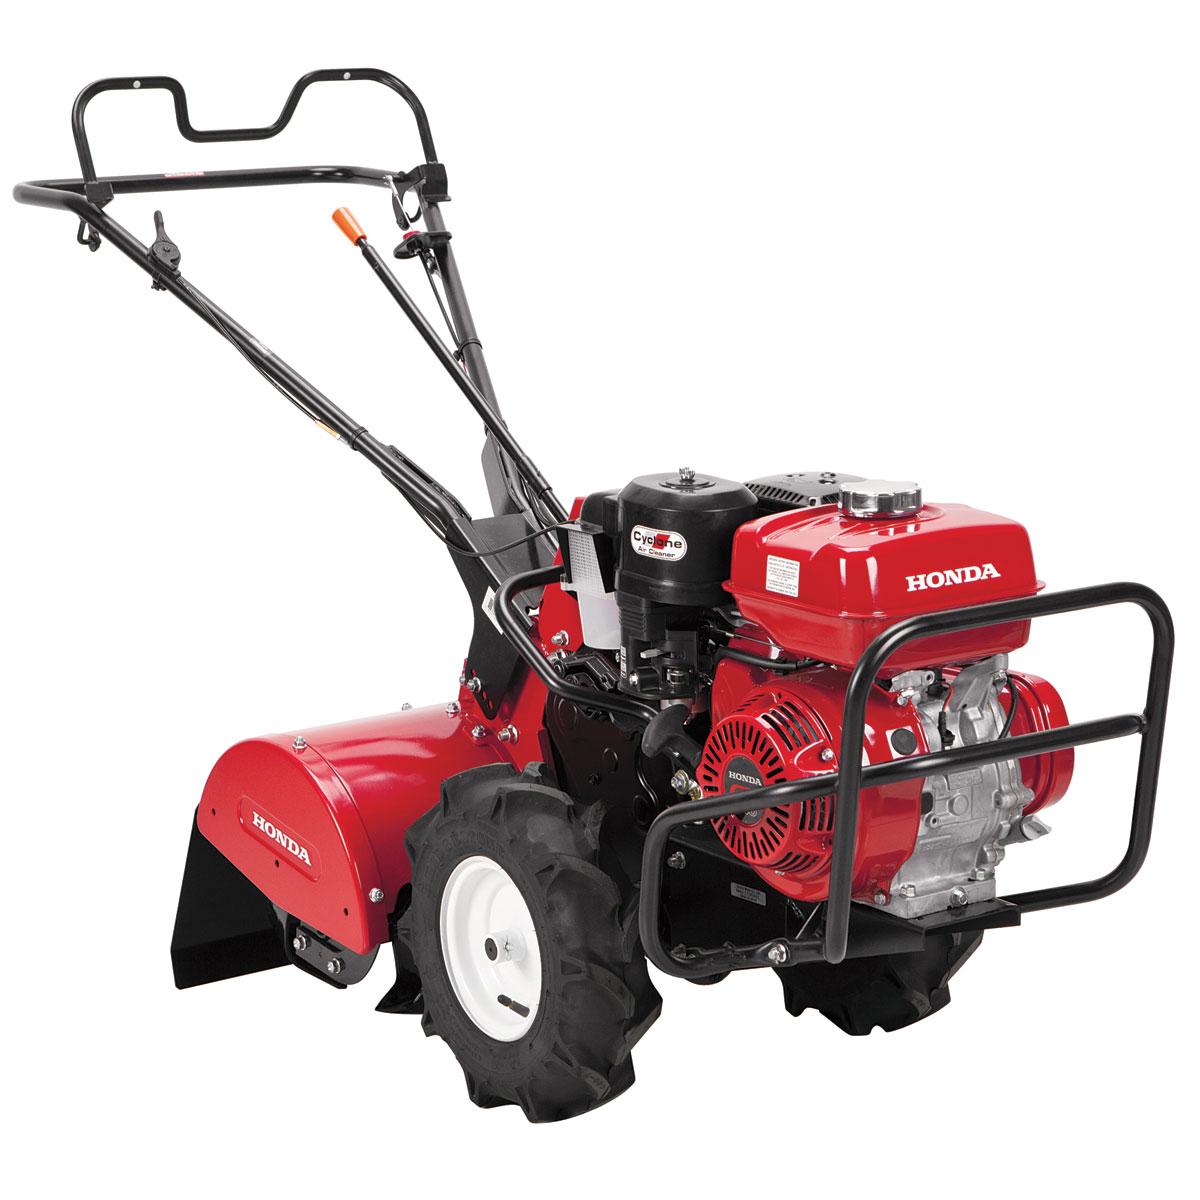 Garden Tiller Parts : How to service a honda rear tine tiller lawn parts